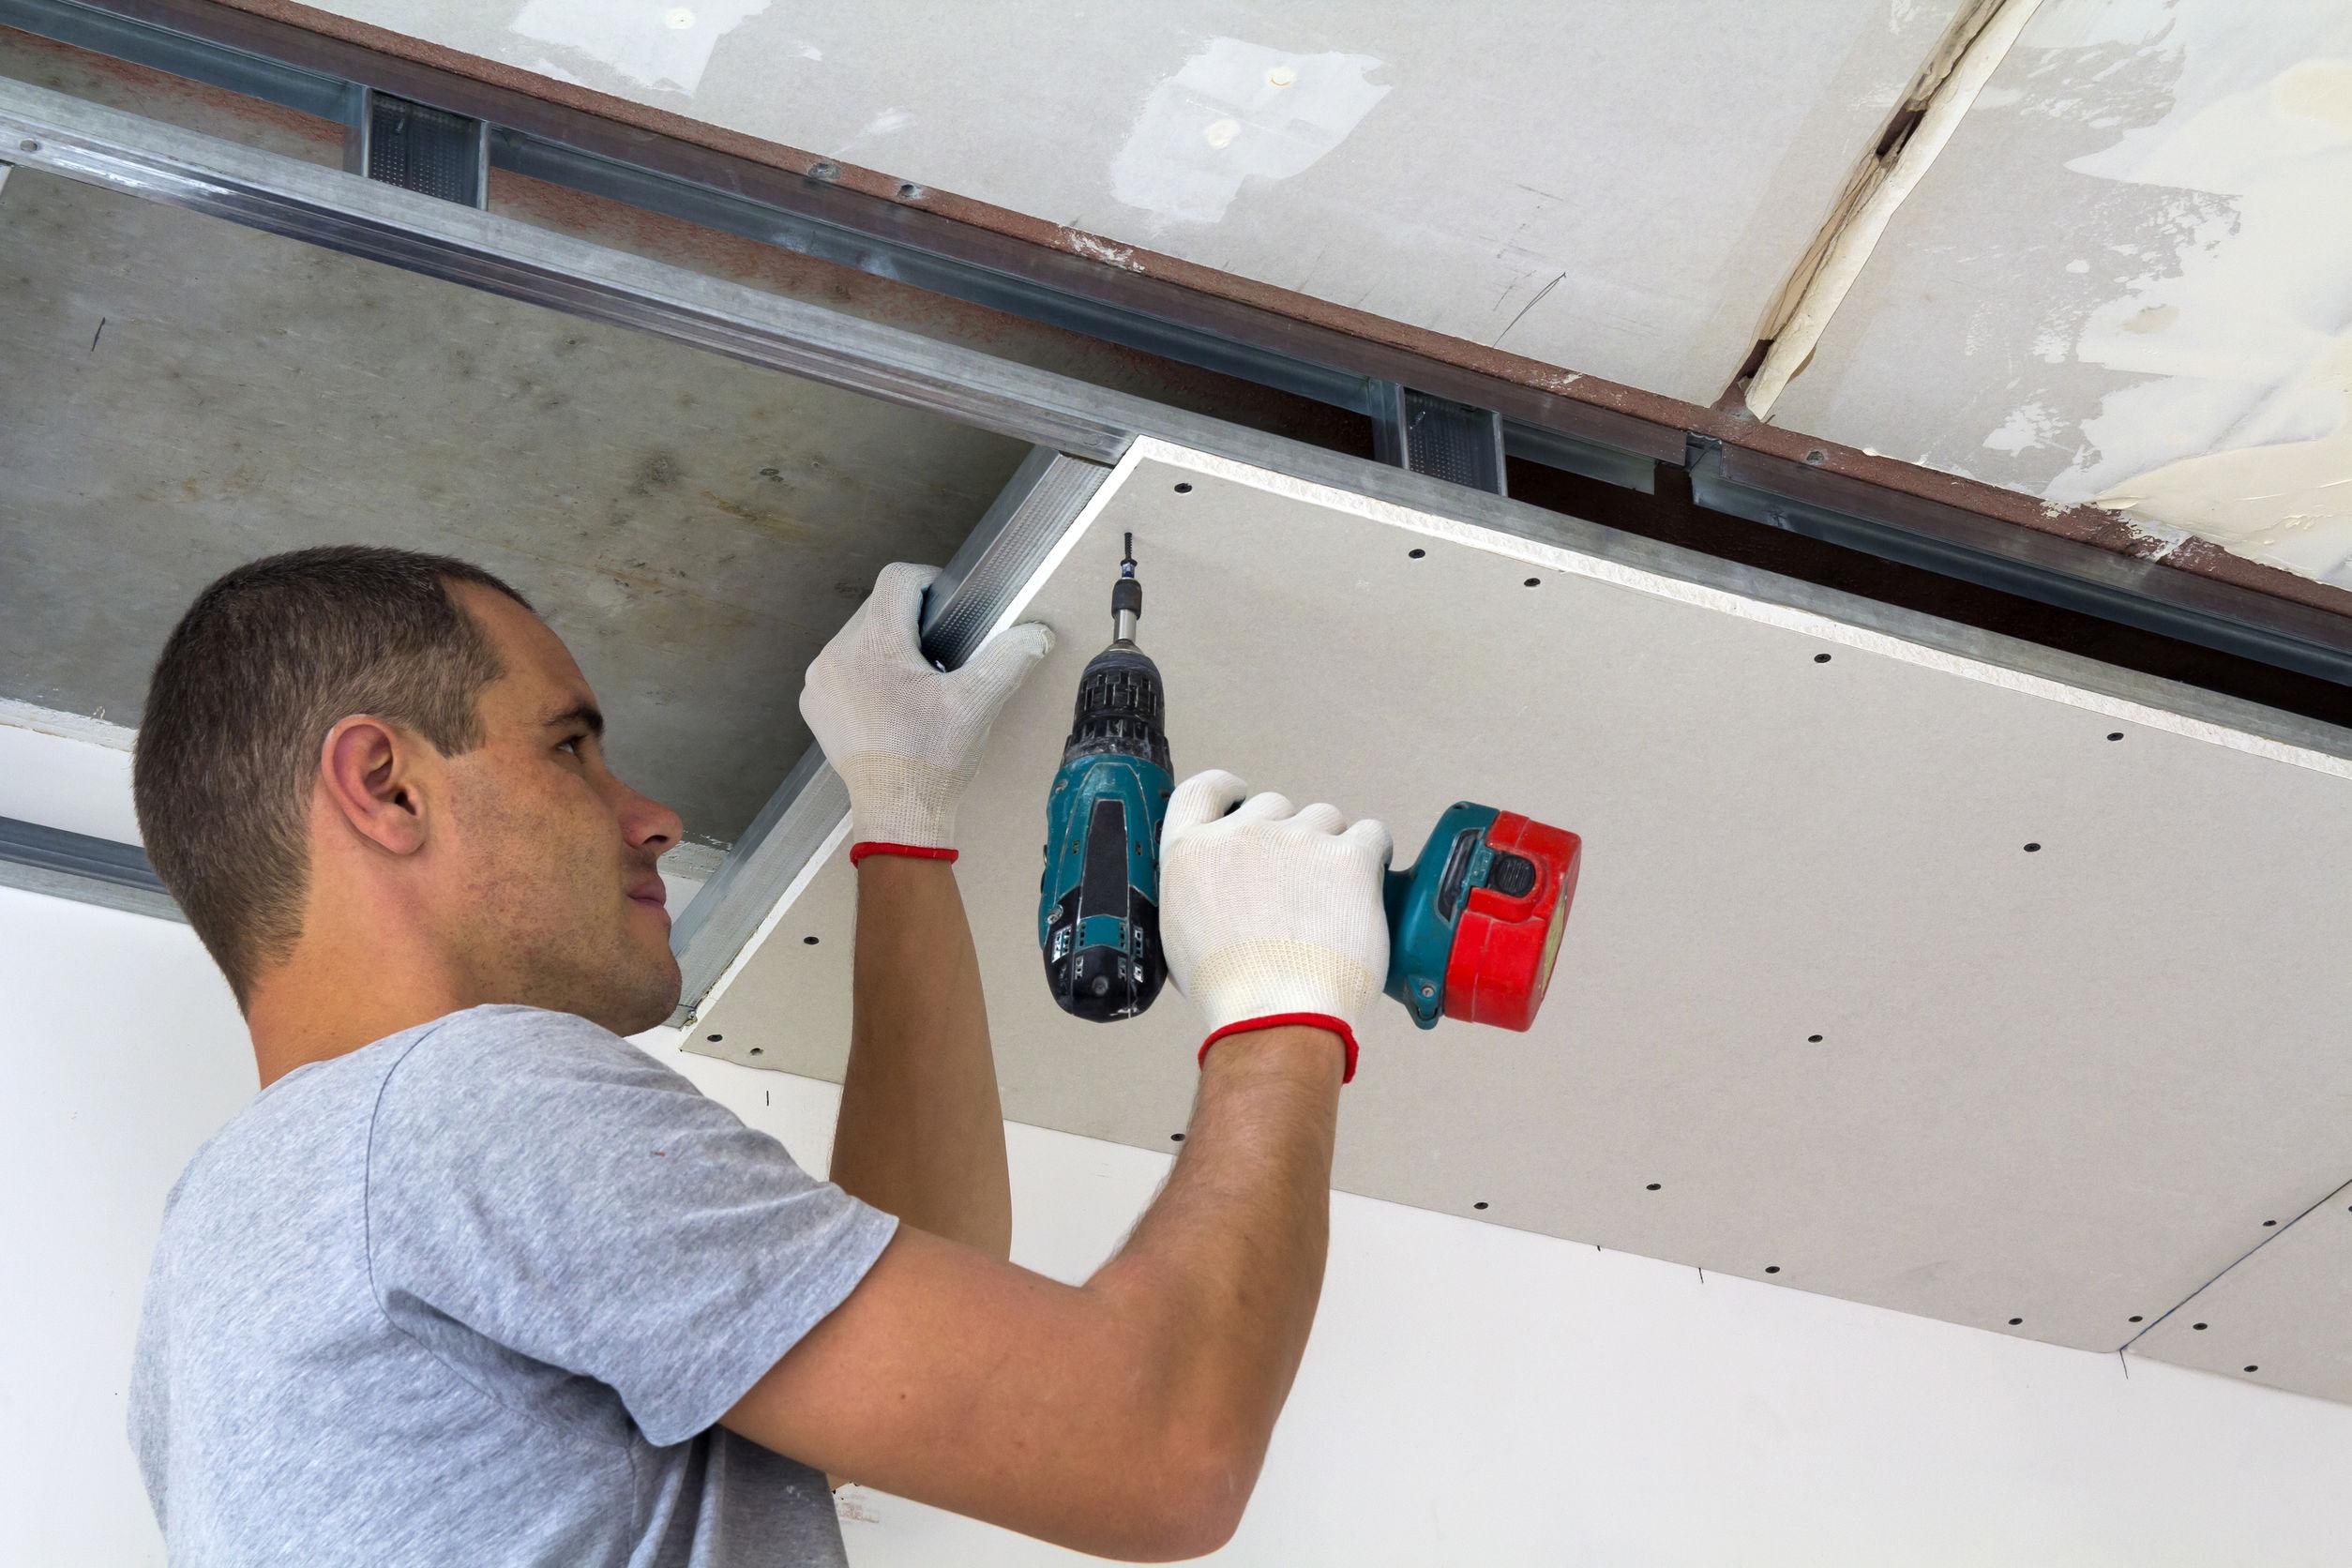 El trabajador de la construcción monta un techo suspendido con paneles de yeso y fija los paneles de yeso al marco de metal del techo con un destornillador